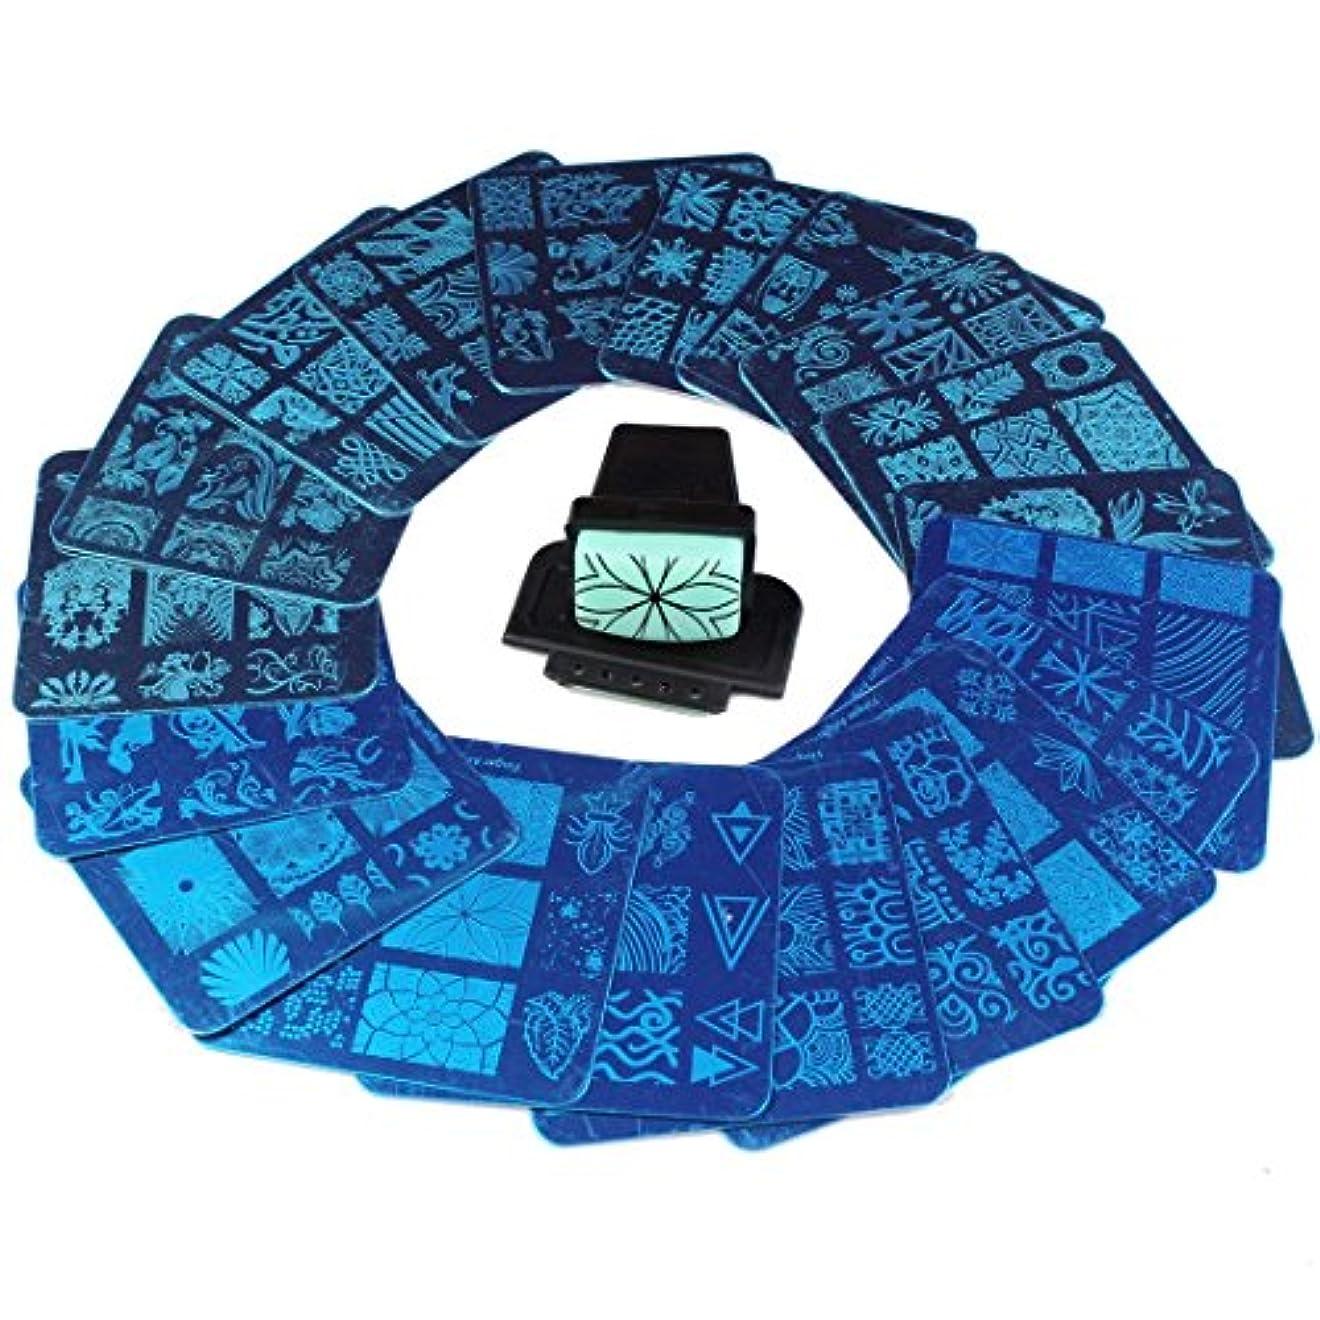 共産主義者アンドリューハリディ続編FingerAngel ネイルイメージプレートセット ネイルプレート 正方形20枚 付き ネイルサロンも自宅も使えるネイルプレート